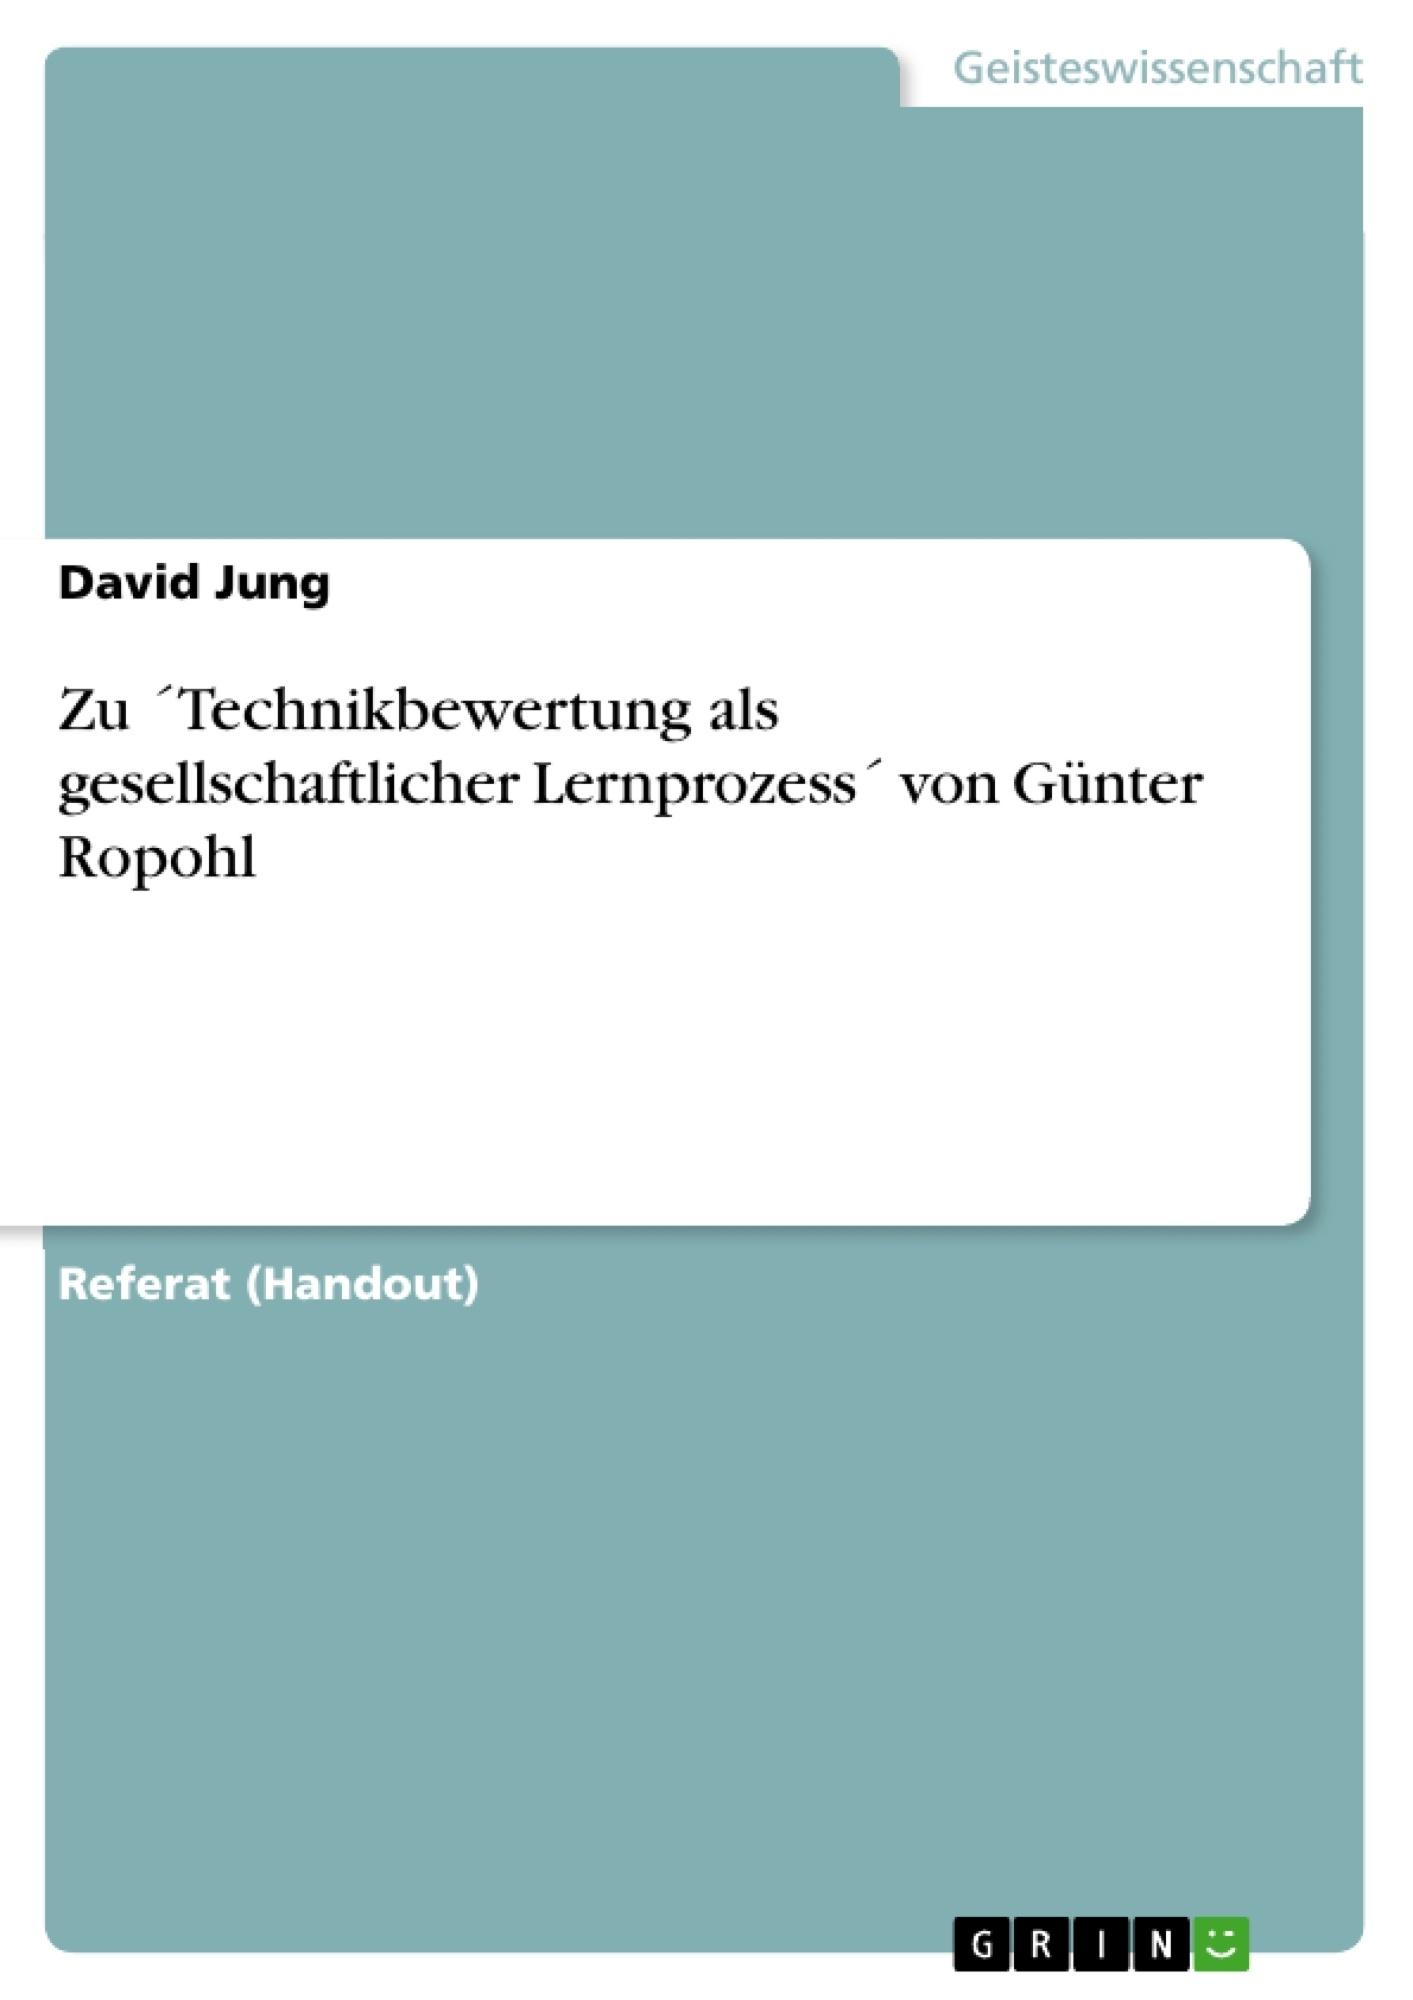 Titel: Zu ´Technikbewertung als gesellschaftlicher Lernprozess´ von Günter Ropohl